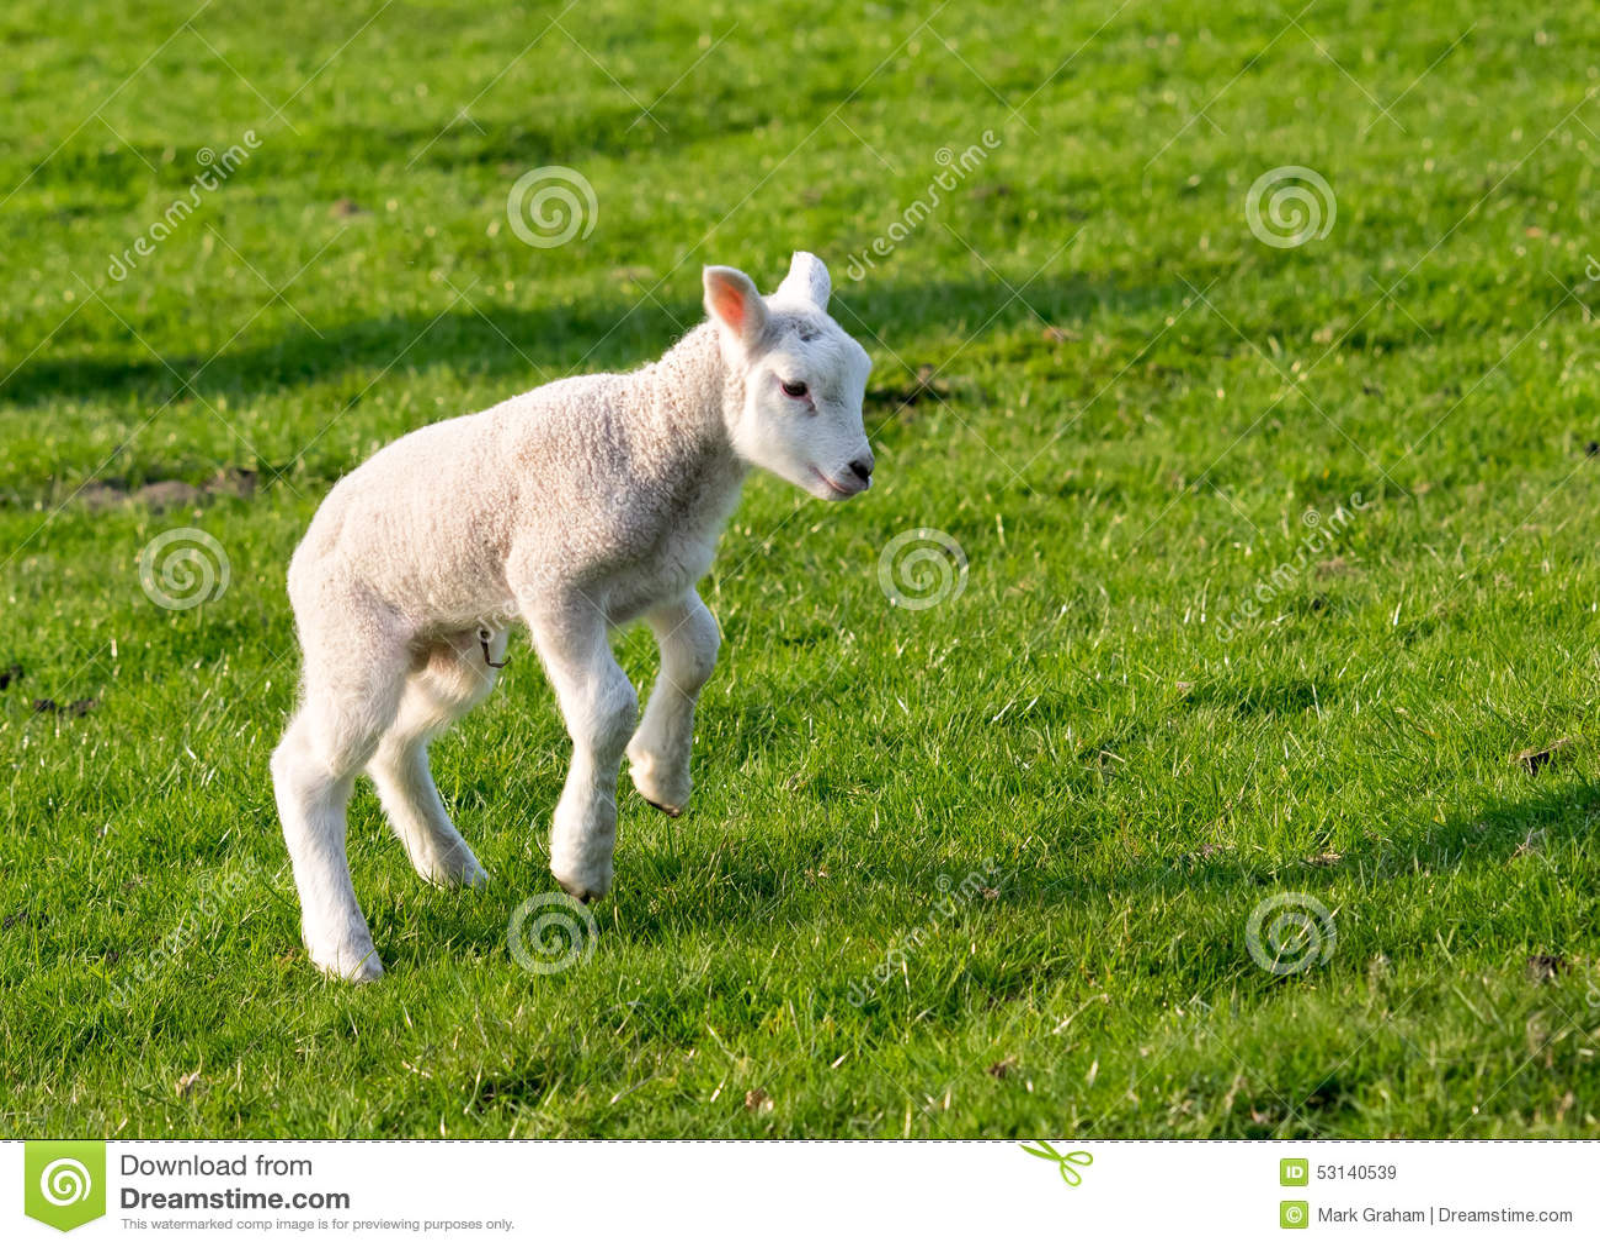 跳跃的羊羔